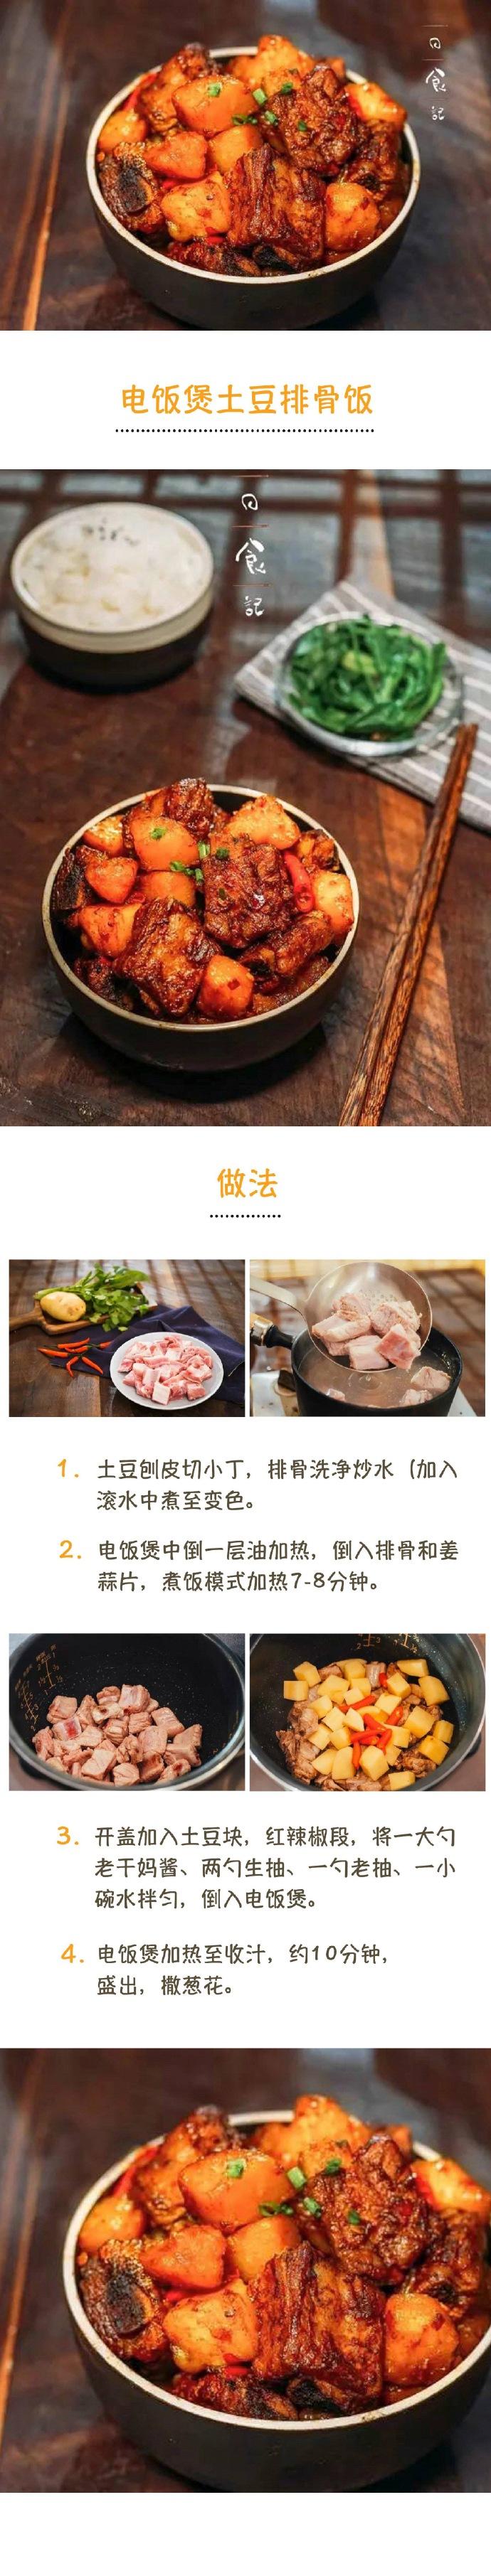 电饭煲土豆排骨饭